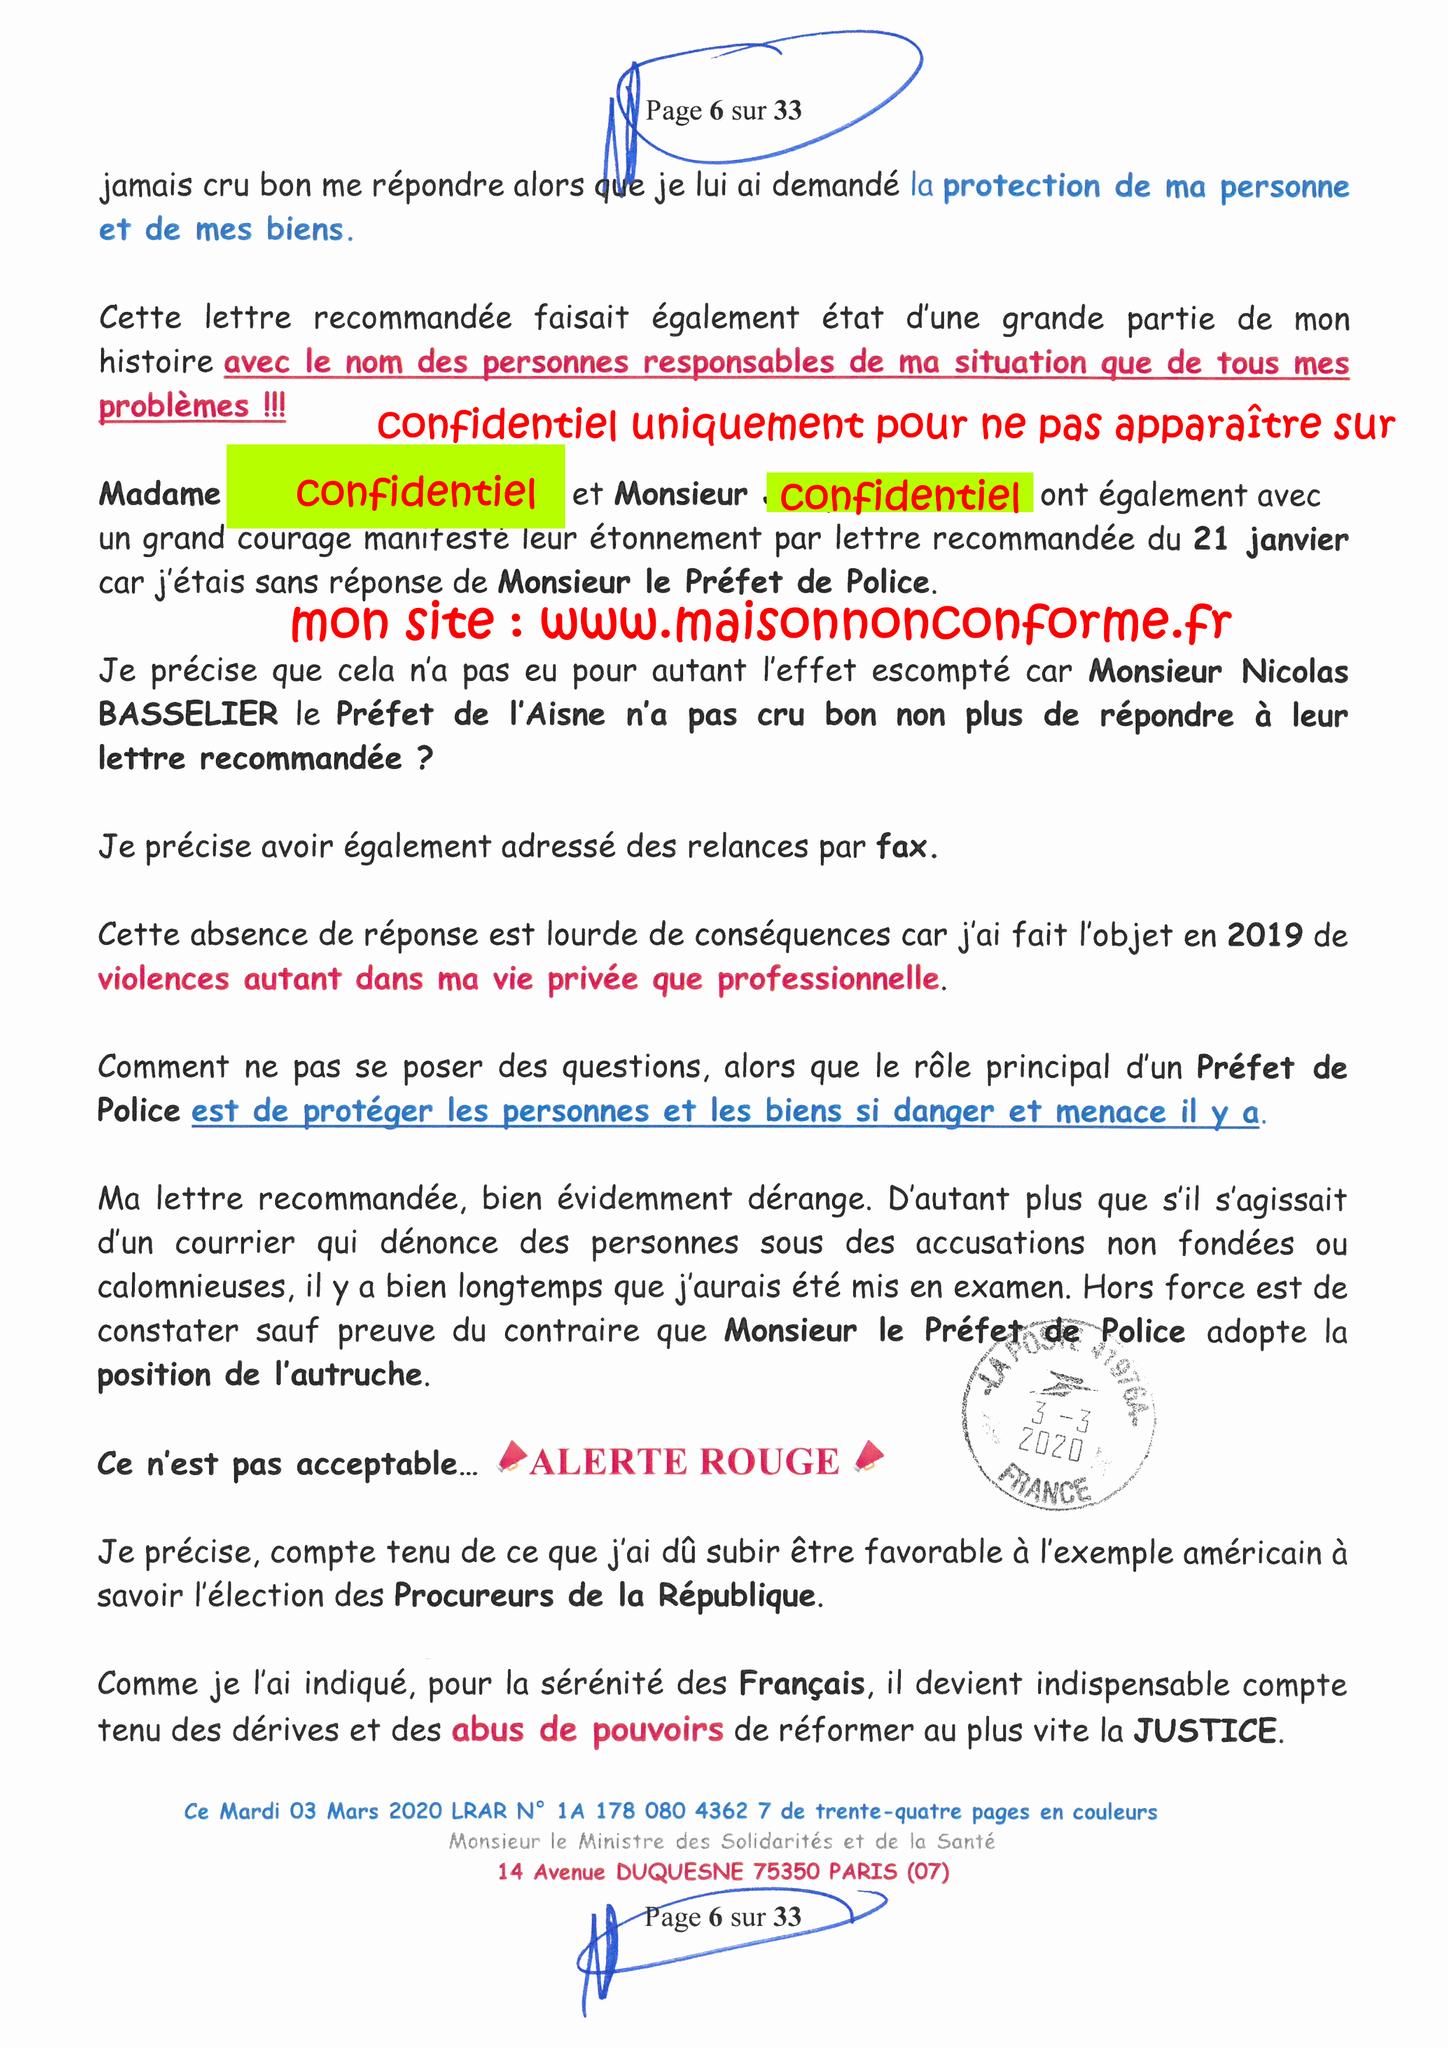 Page 6 sur 33 Ma lettre recommandée N0 1A 178 080 4362 7 du 03 Mars 2020 à Monsieur Olivier VERAN le Ministre de la Santé et des Solidarités www.jesuispatrick.fr www.jesuisvictime.fr www.alerte-rouge-france.fr